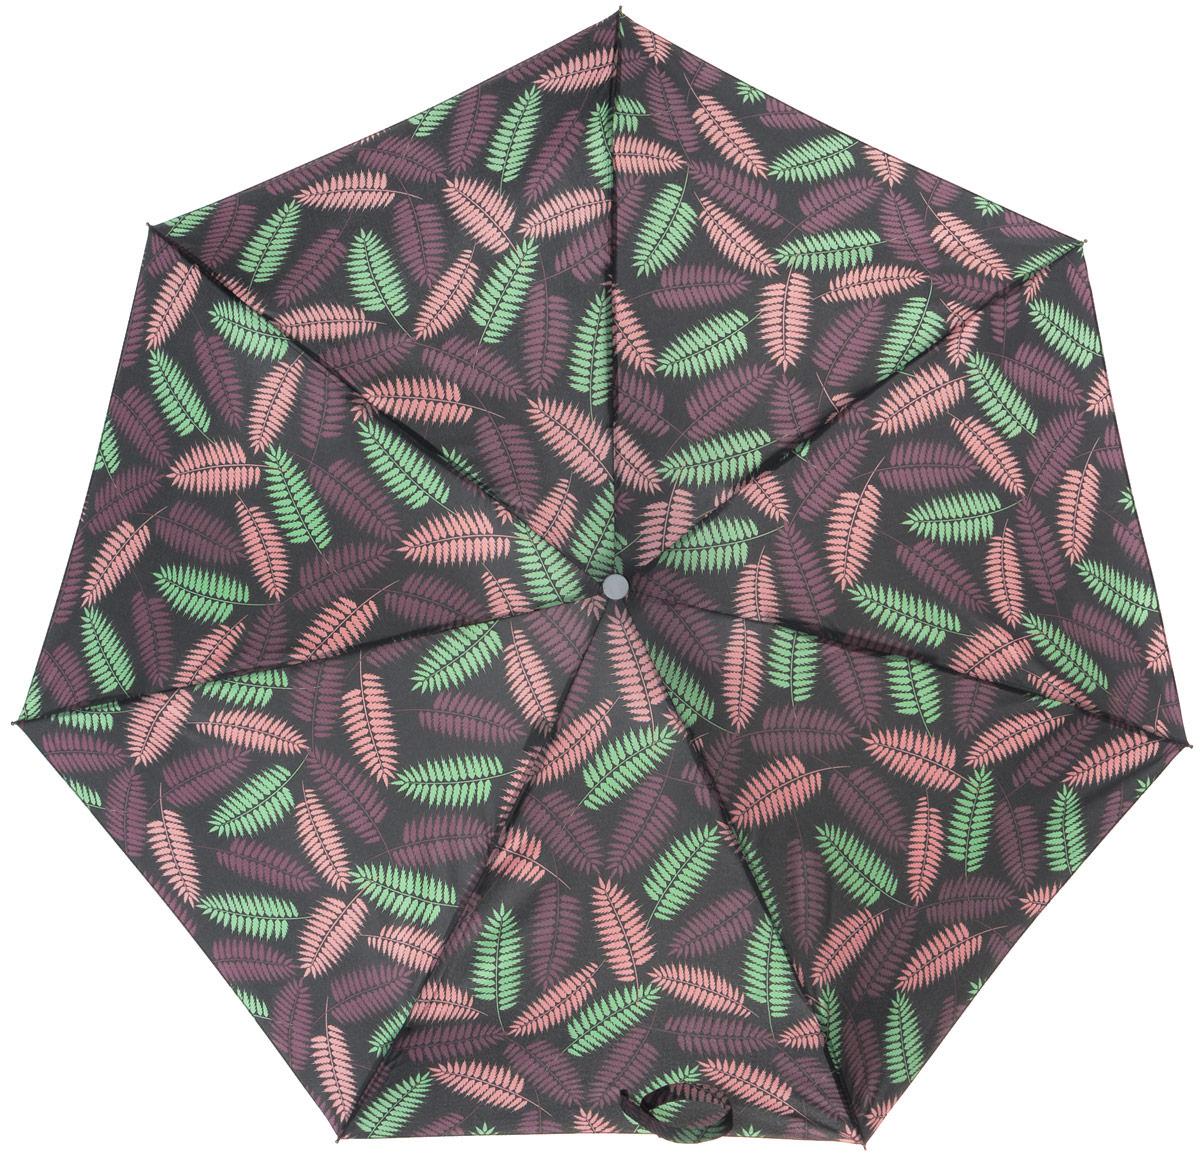 Зонт женский Labbra, механика, 5 сложений, цвет: мультиколор. M5-05-034M5-05-034Яркий зонт Labbra не оставит вас незамеченной. Зонт оформлен изображением в виде разноцветных листков. Стержень изделия изготовлен из алюминия. Зонт состоит из семи спиц, изготовленных из фибергласса и алюминия, дополнен ручкой из пластика. Купол выполнен из качественного полиэстера, который не пропускает воду. Зонт имеет механический способ сложения: и купол, и стержень открываются вручную до характерного щелчка. Ручка дополнена петлей, благодаря которой зонт можно носить на запястье. К зонту прилагается чехол. Практичный аксессуар даже в ненастную погоду позволит вам оставаться стильной и элегантной.